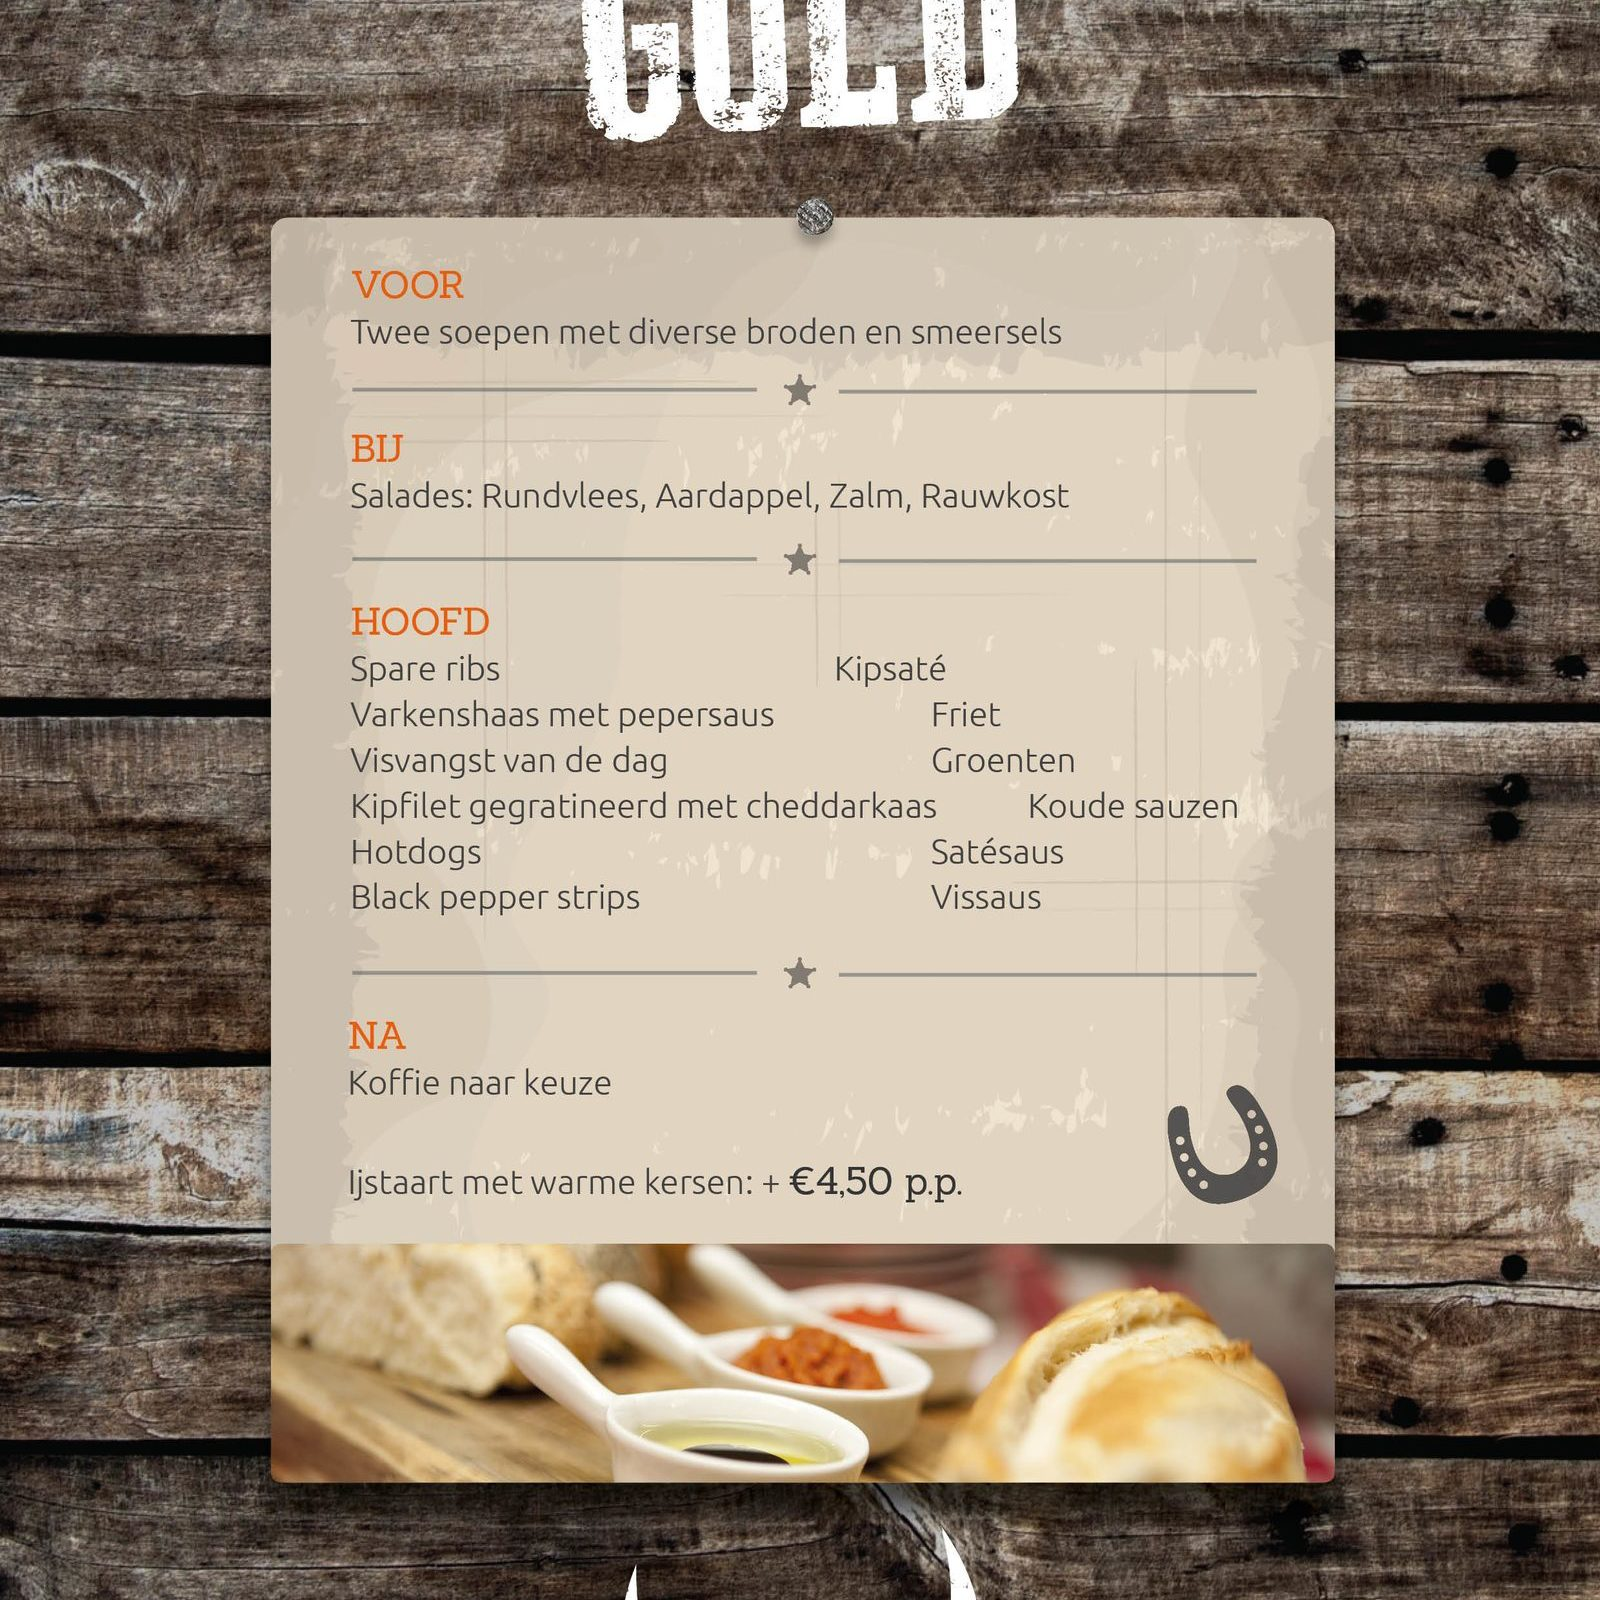 Wild West Gold bij Events op de Veluwe in Voorthuizen